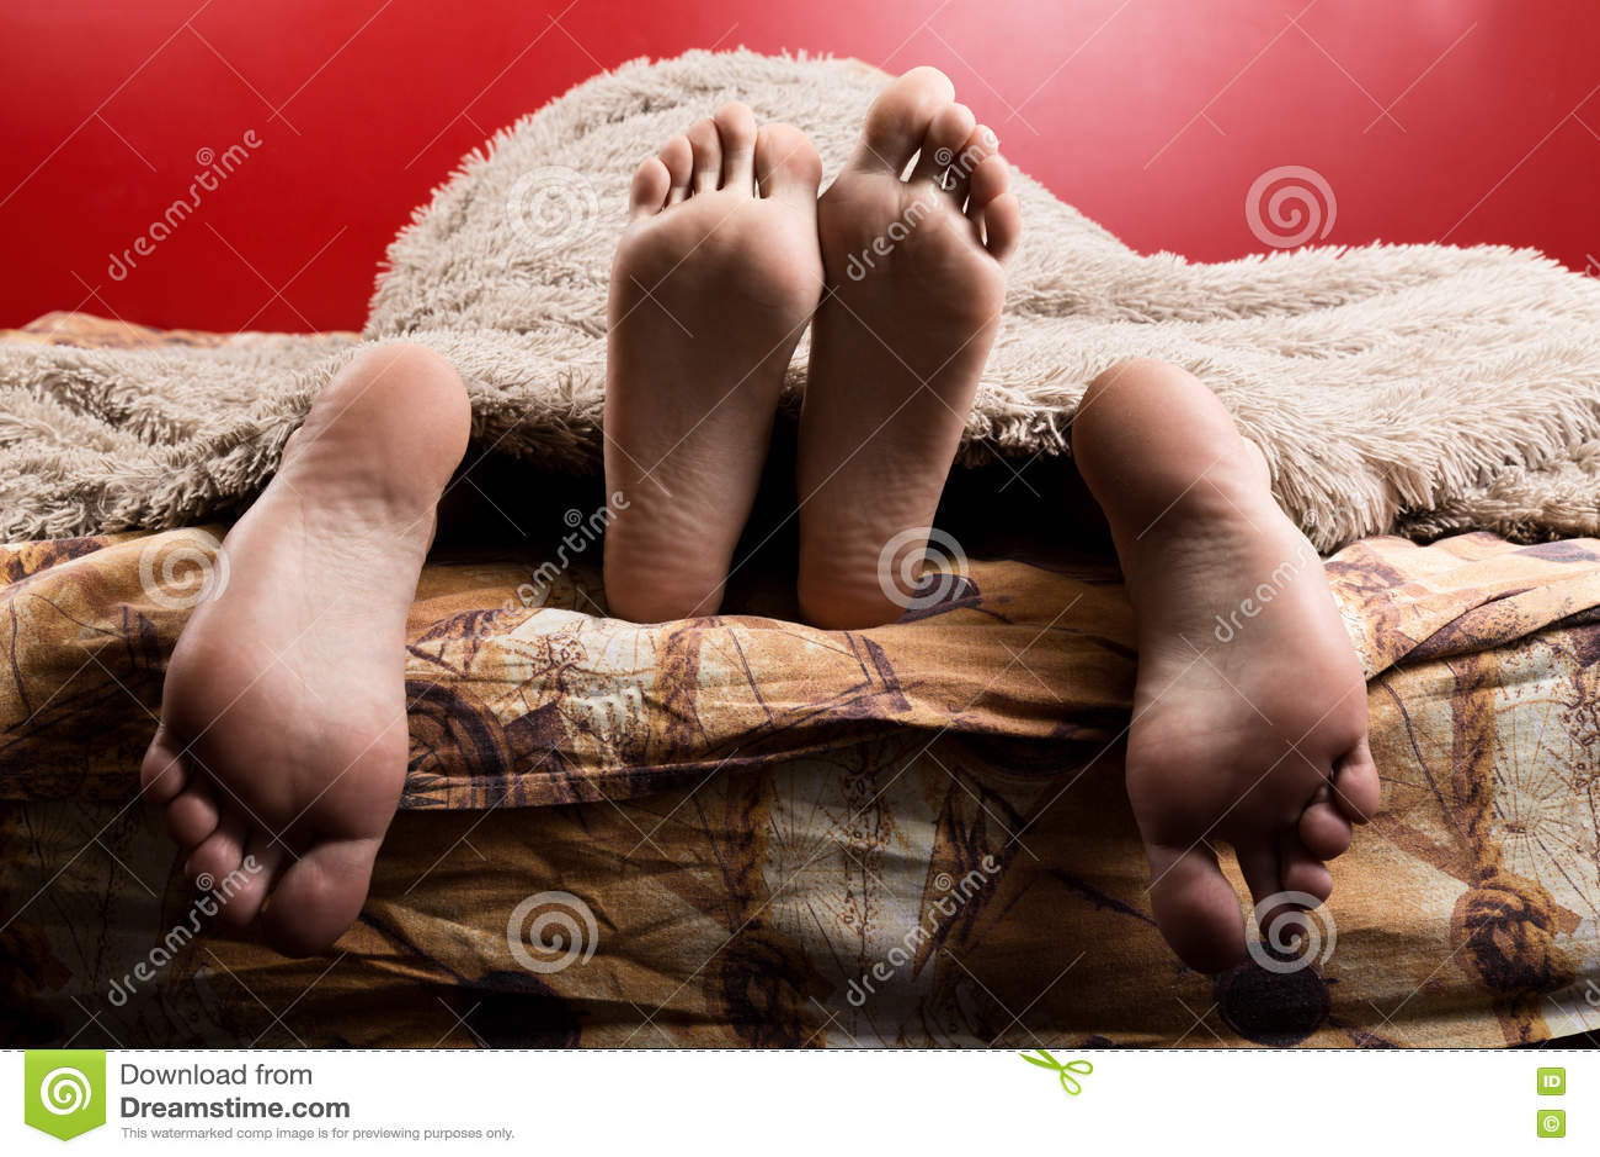 Фото женских ног и секс с ними — photo 3